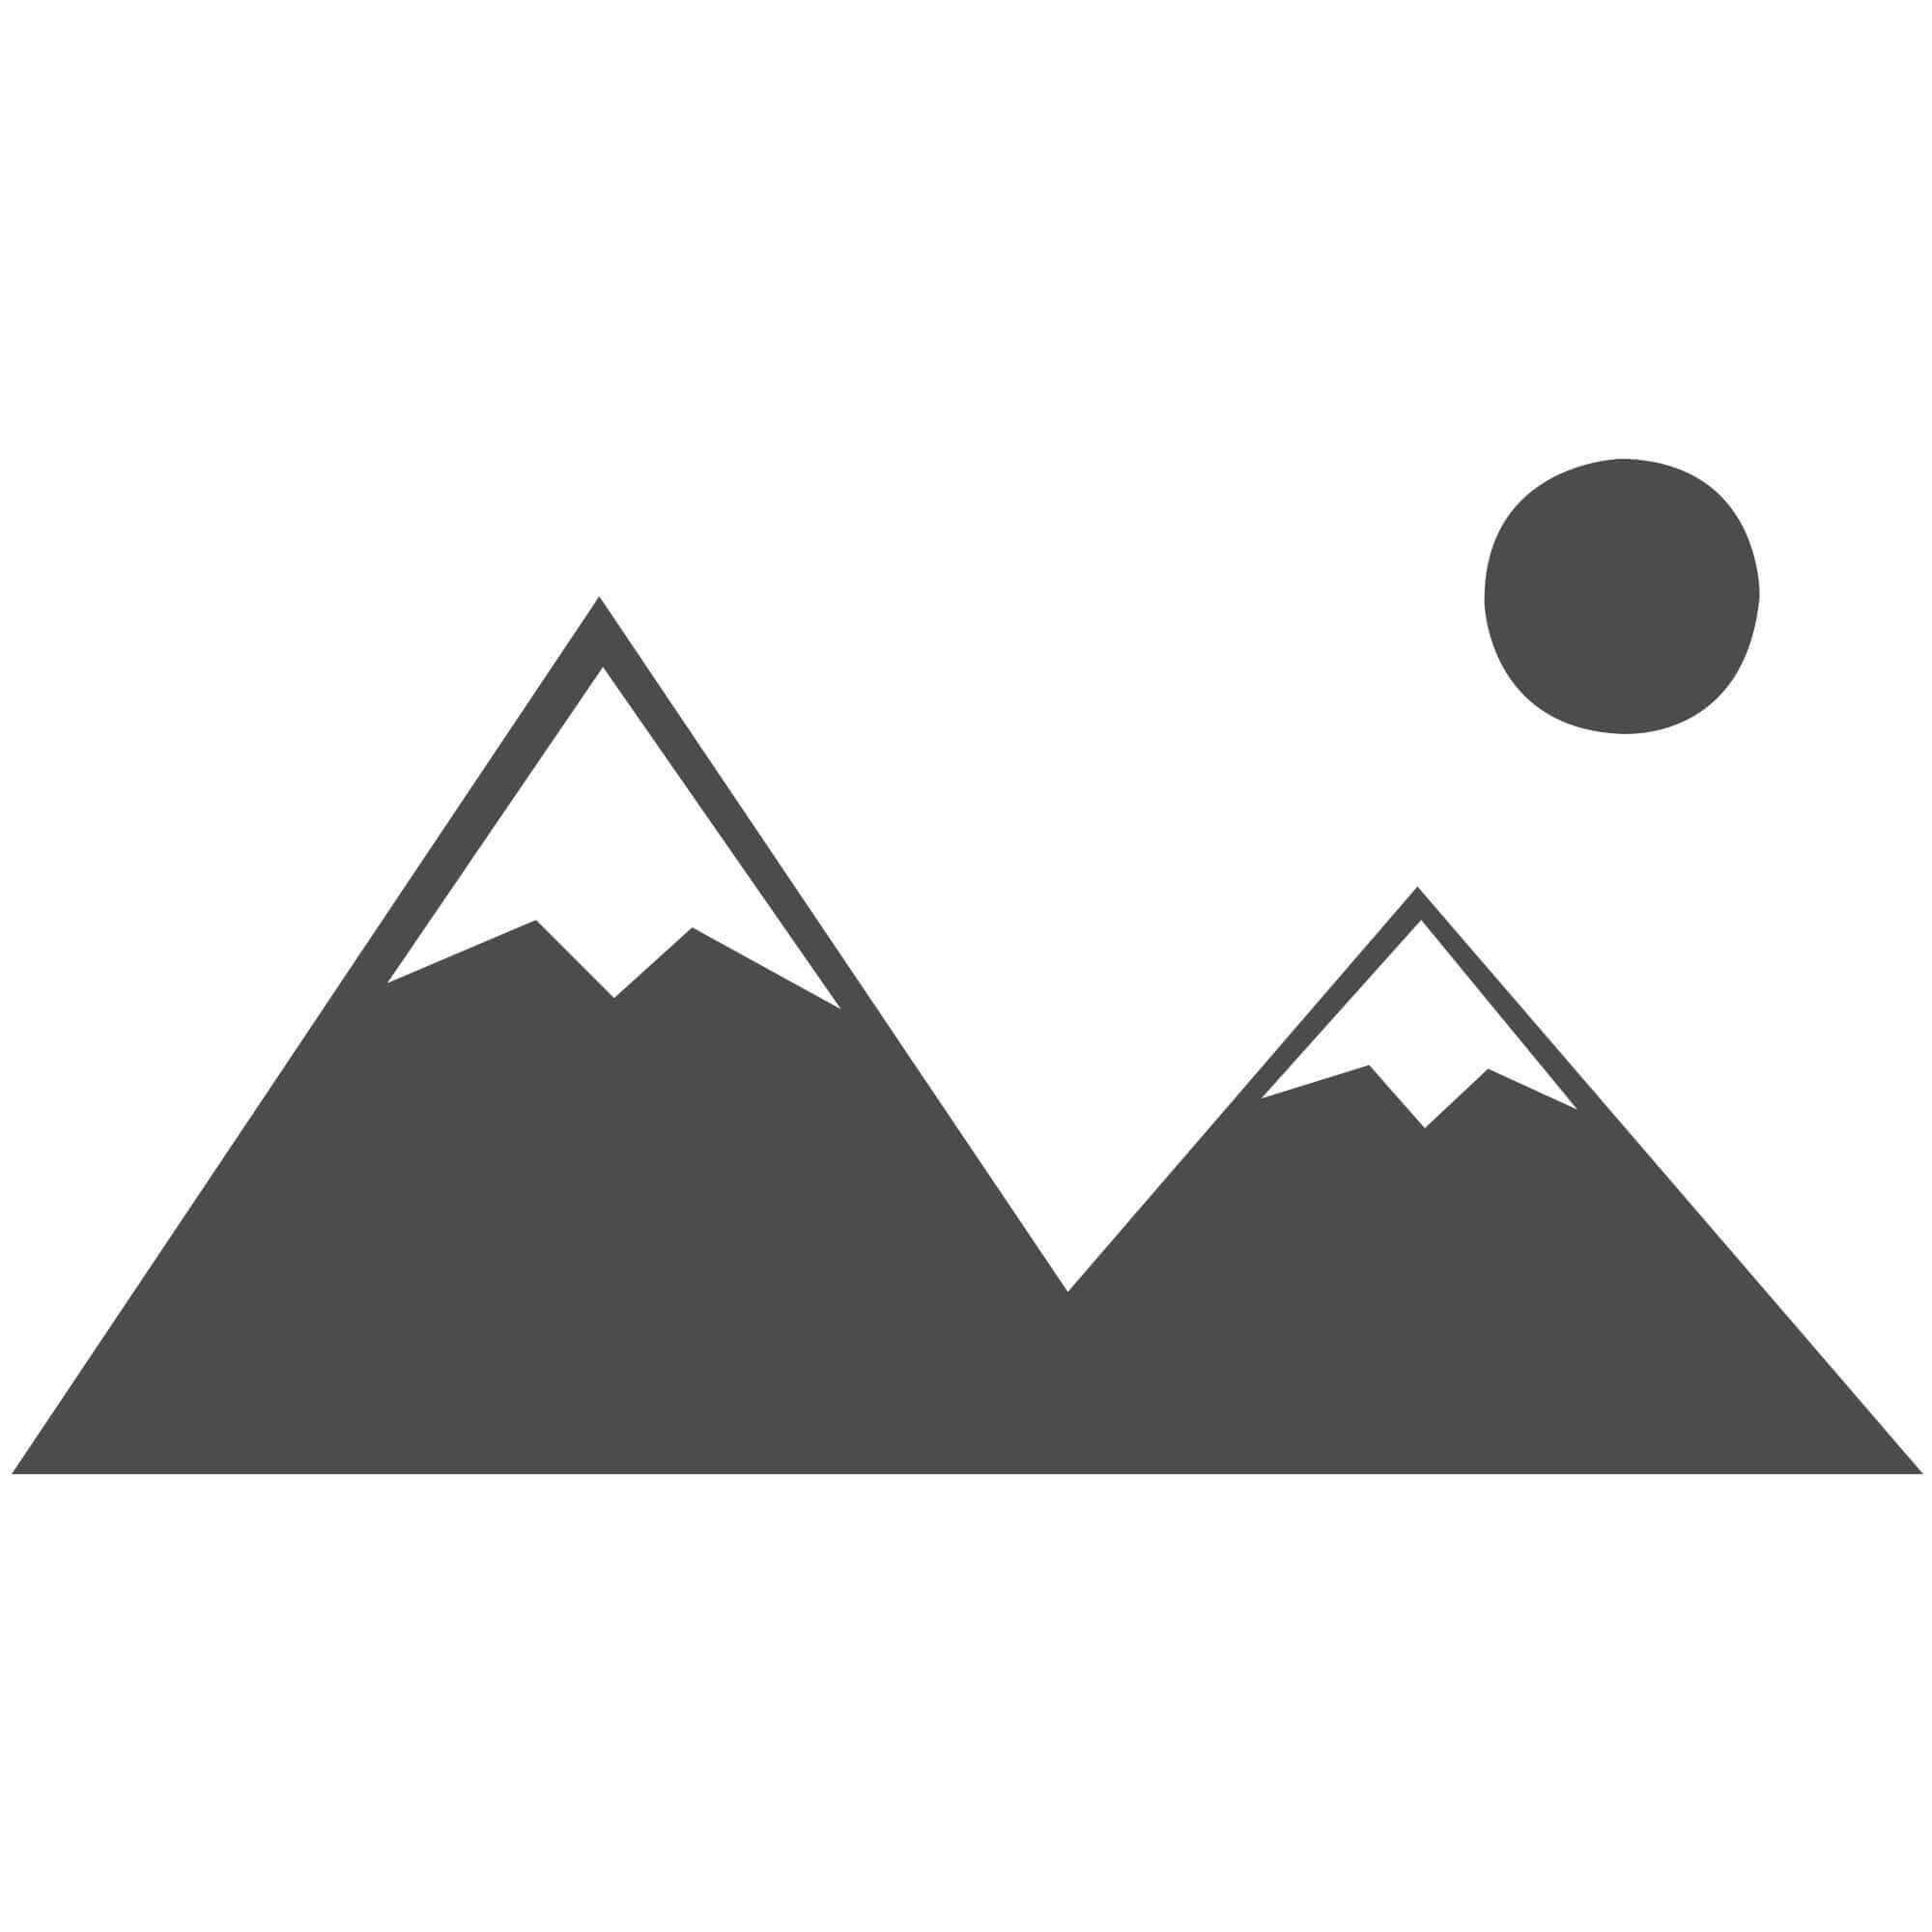 Galleria Rug - Squares 63244 6474 - Size Runner 67 x 230 cm